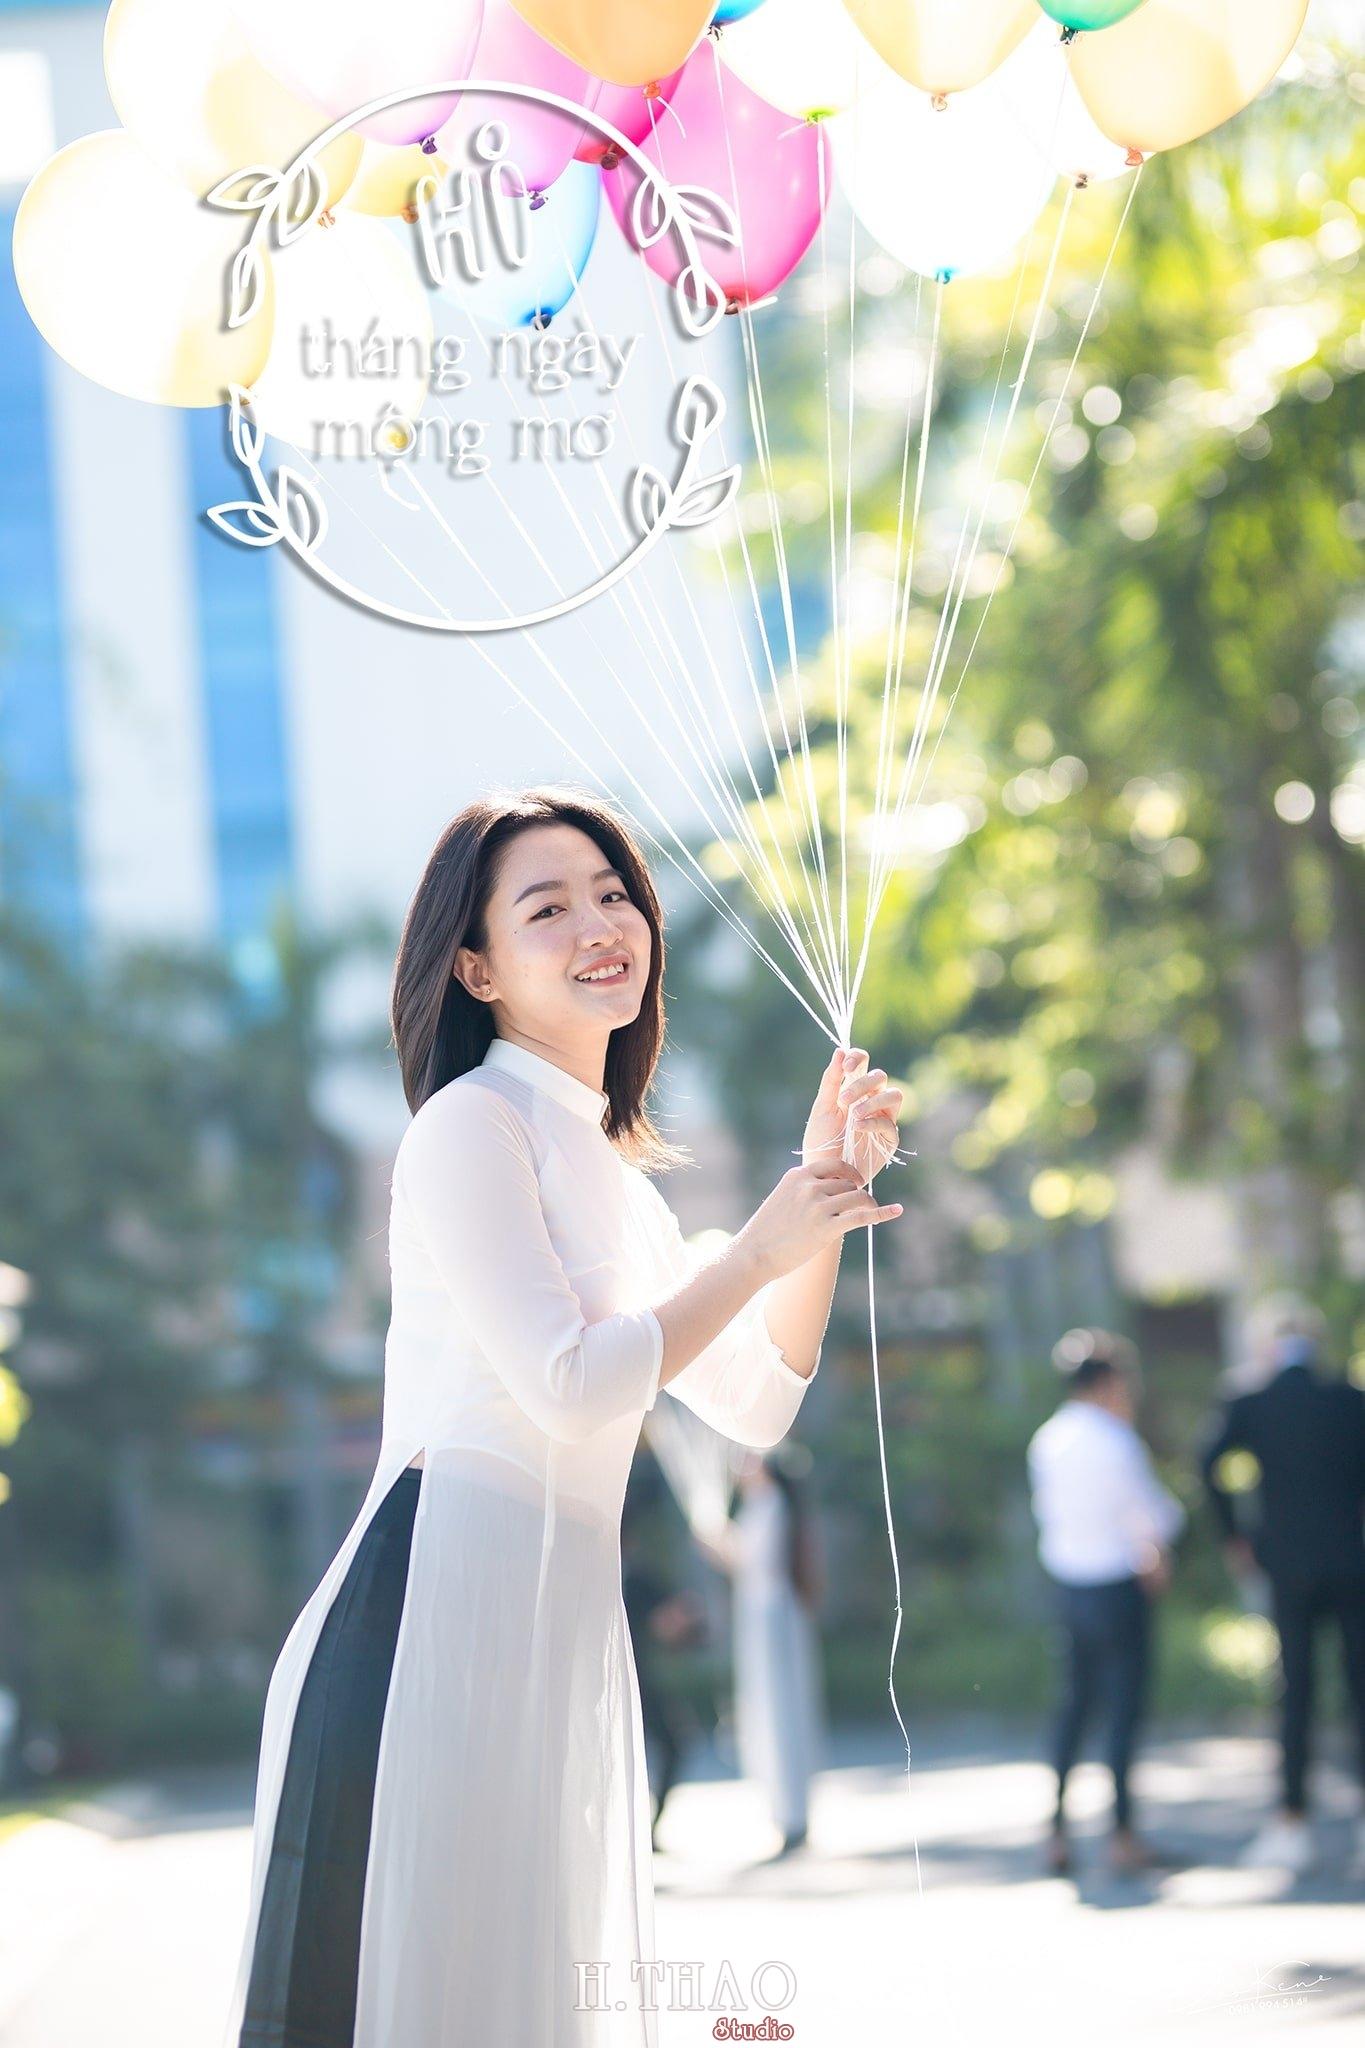 """Ky yeu lop 17C7 8 min - Bộ ảnh kỷ yếu """"siêu chất"""" của sinh viên HuTech - HThao Studio"""